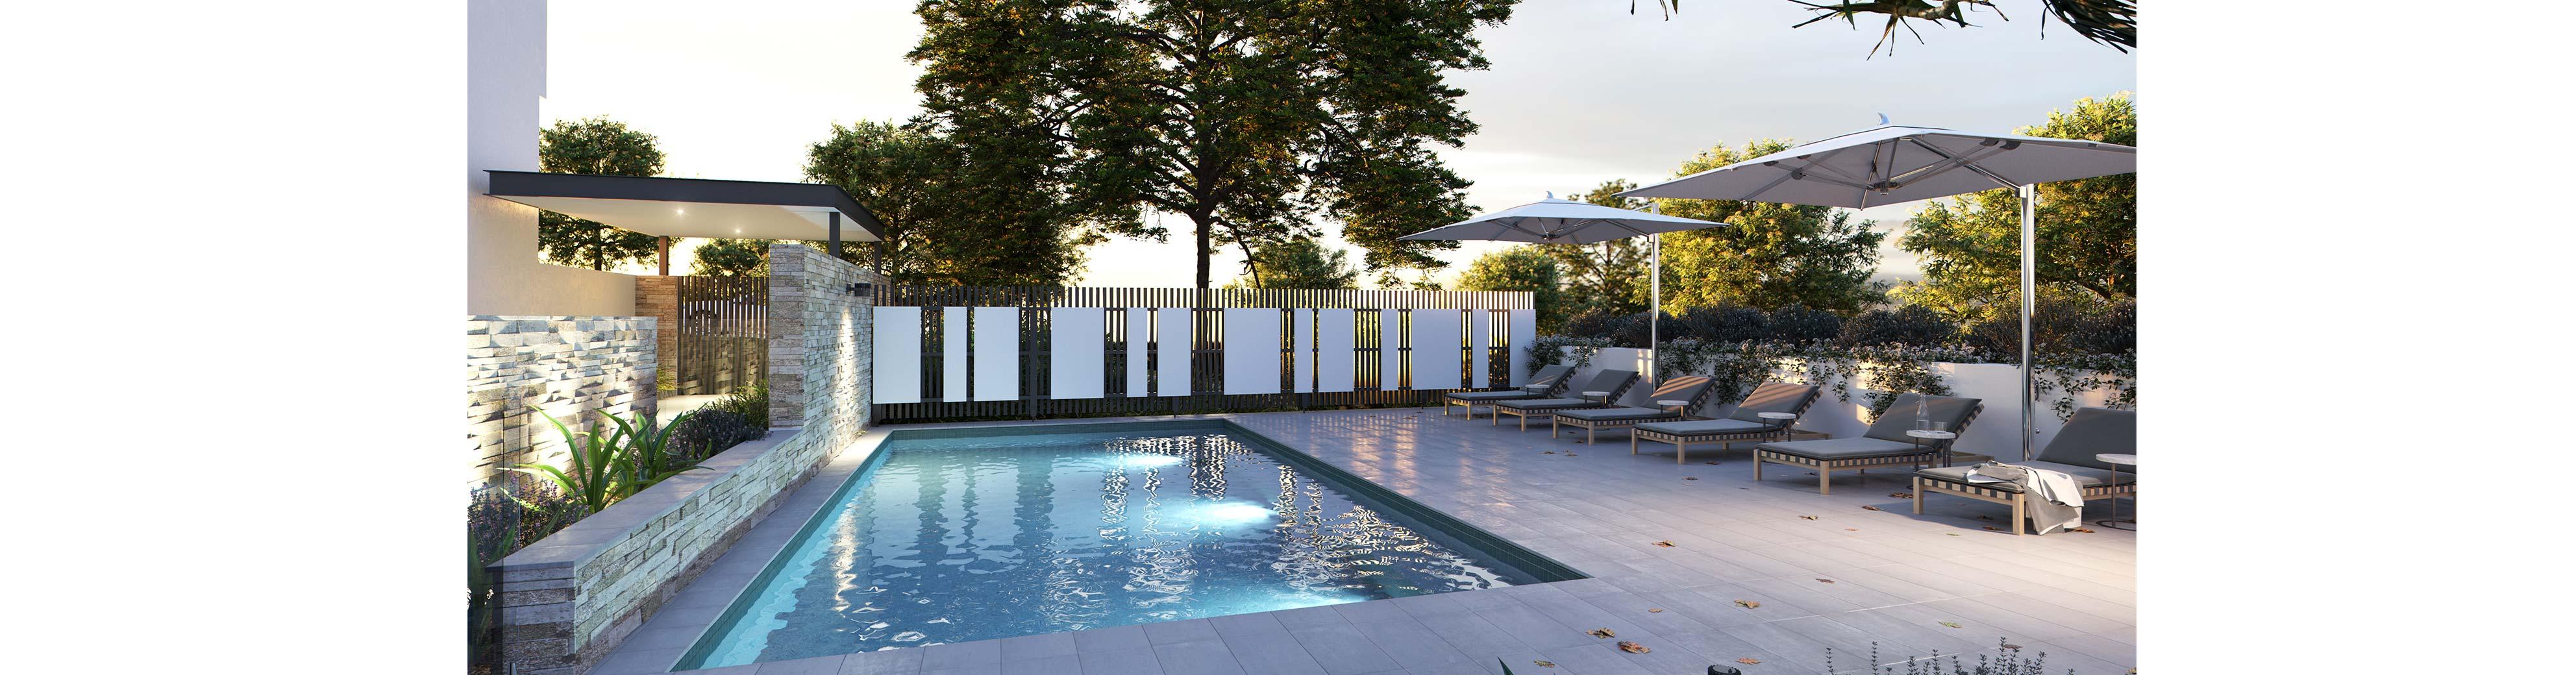 beachhouse_pool